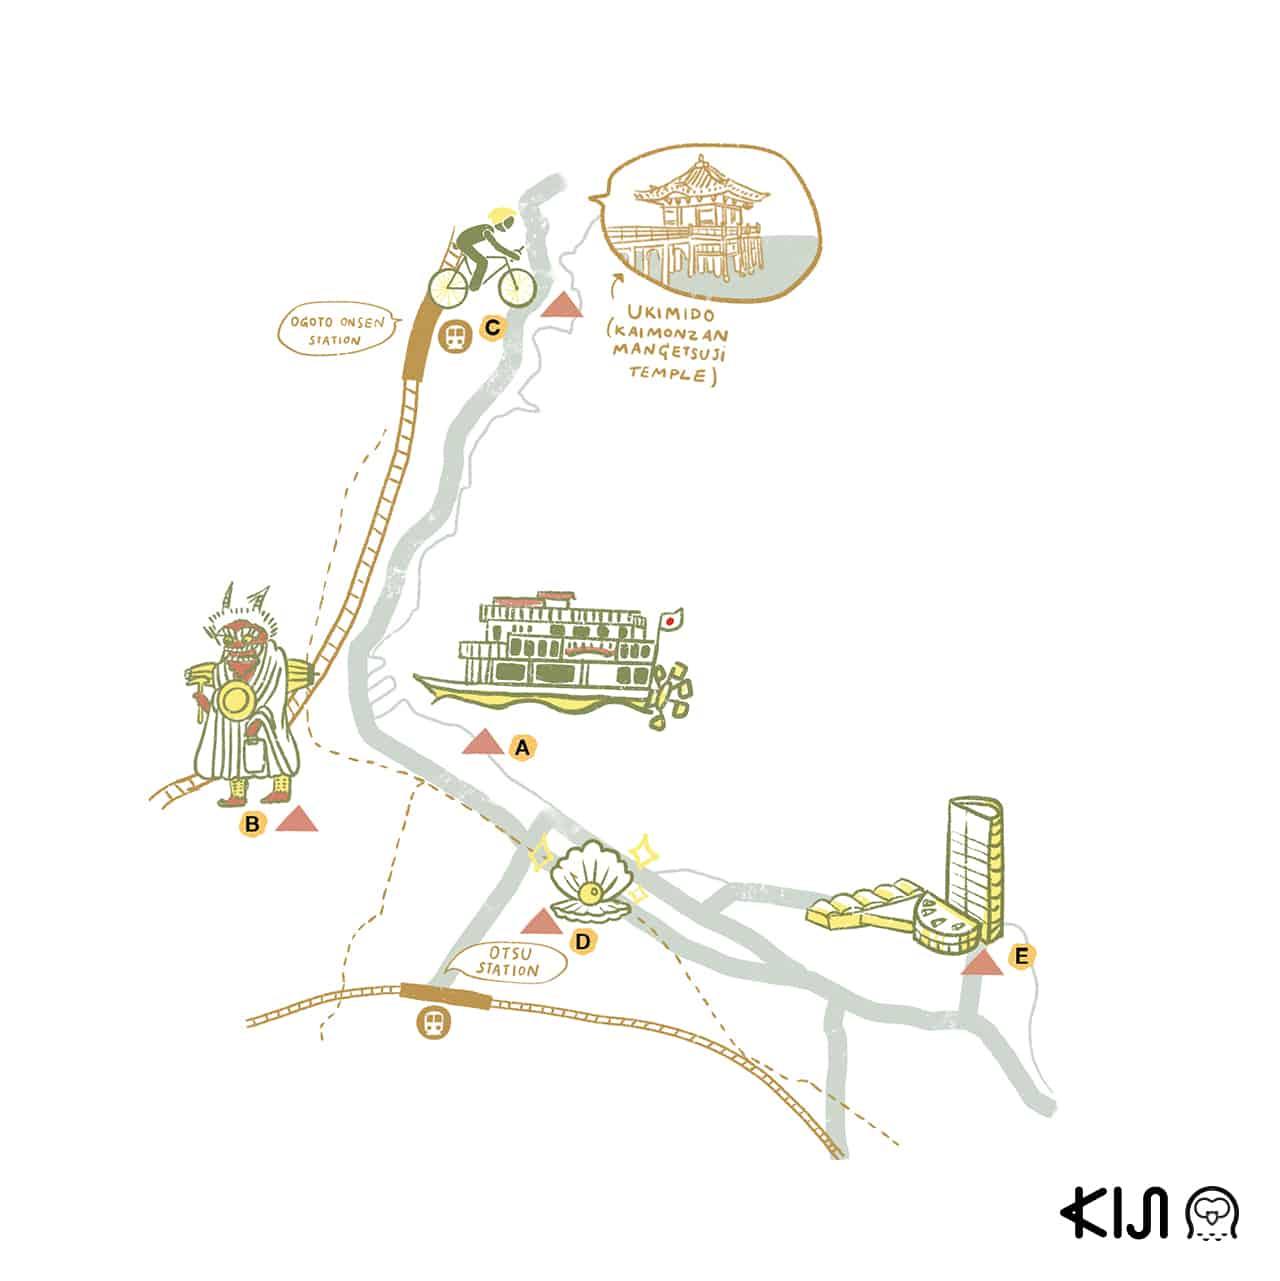 ที่เที่ยวเมืองโอตสึ (Otsu) Route 1